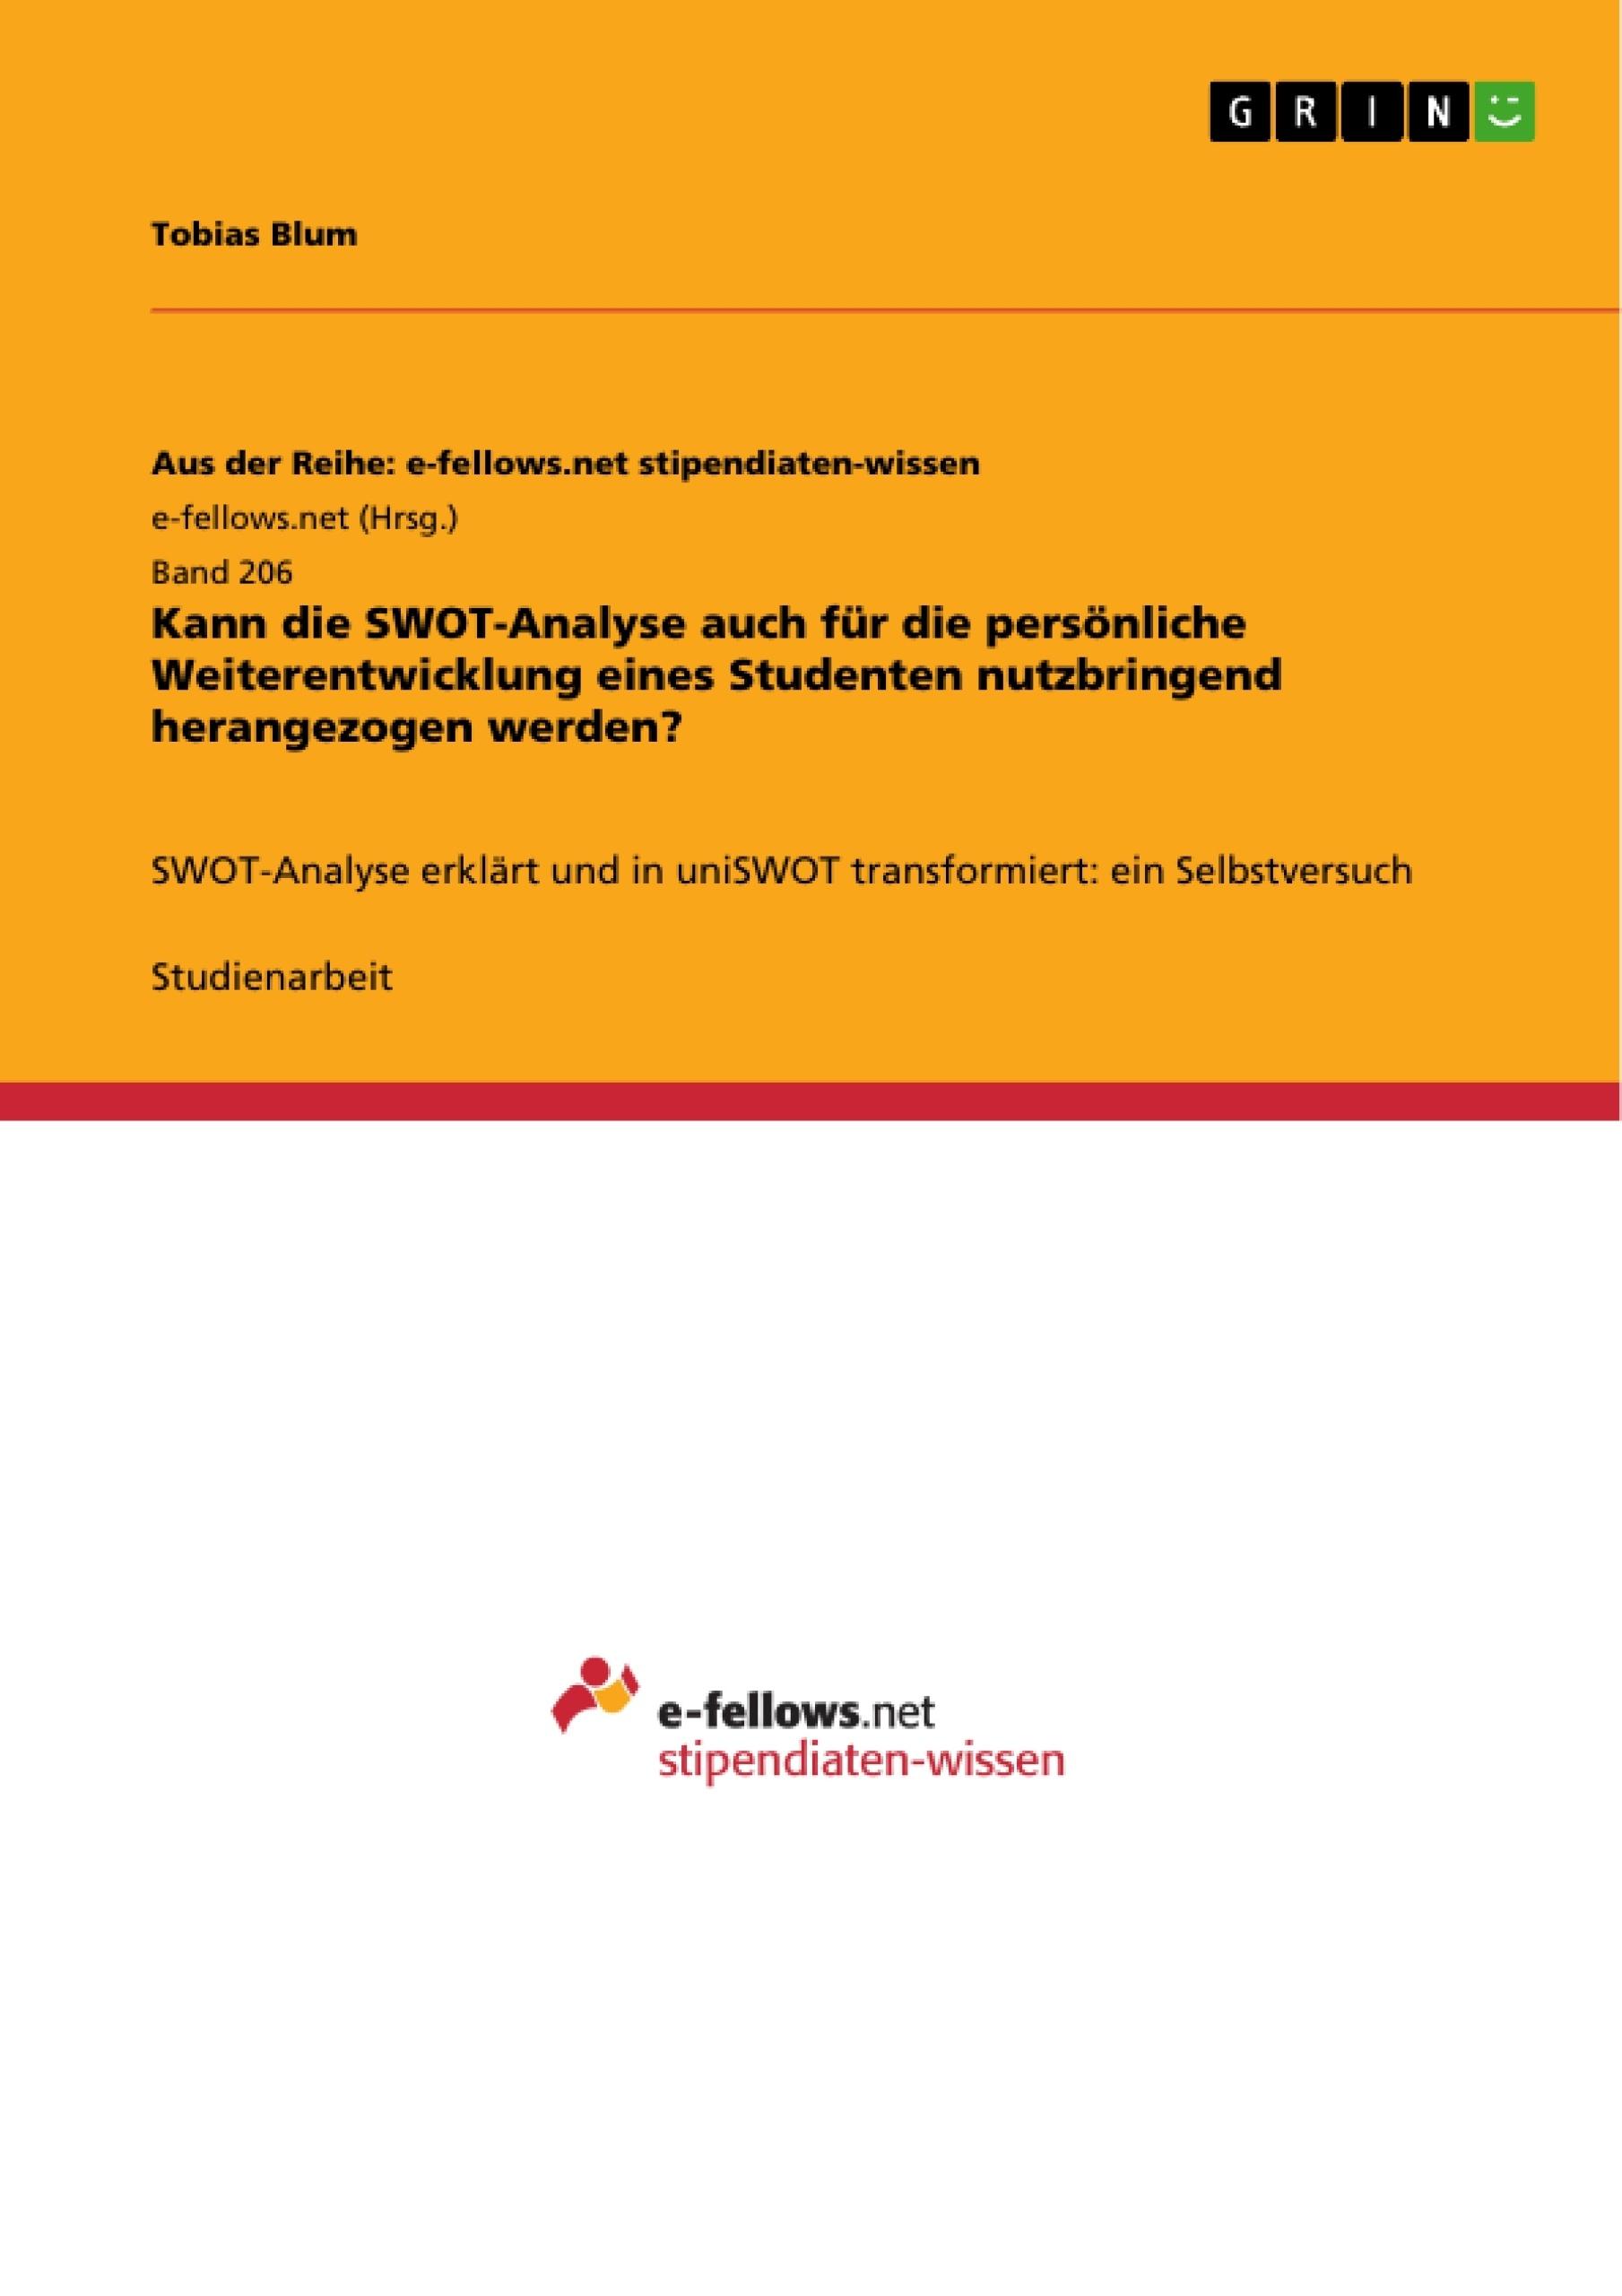 Titel: Kann die SWOT-Analyse auch für die persönliche Weiterentwicklung eines Studenten nutzbringend herangezogen werden?